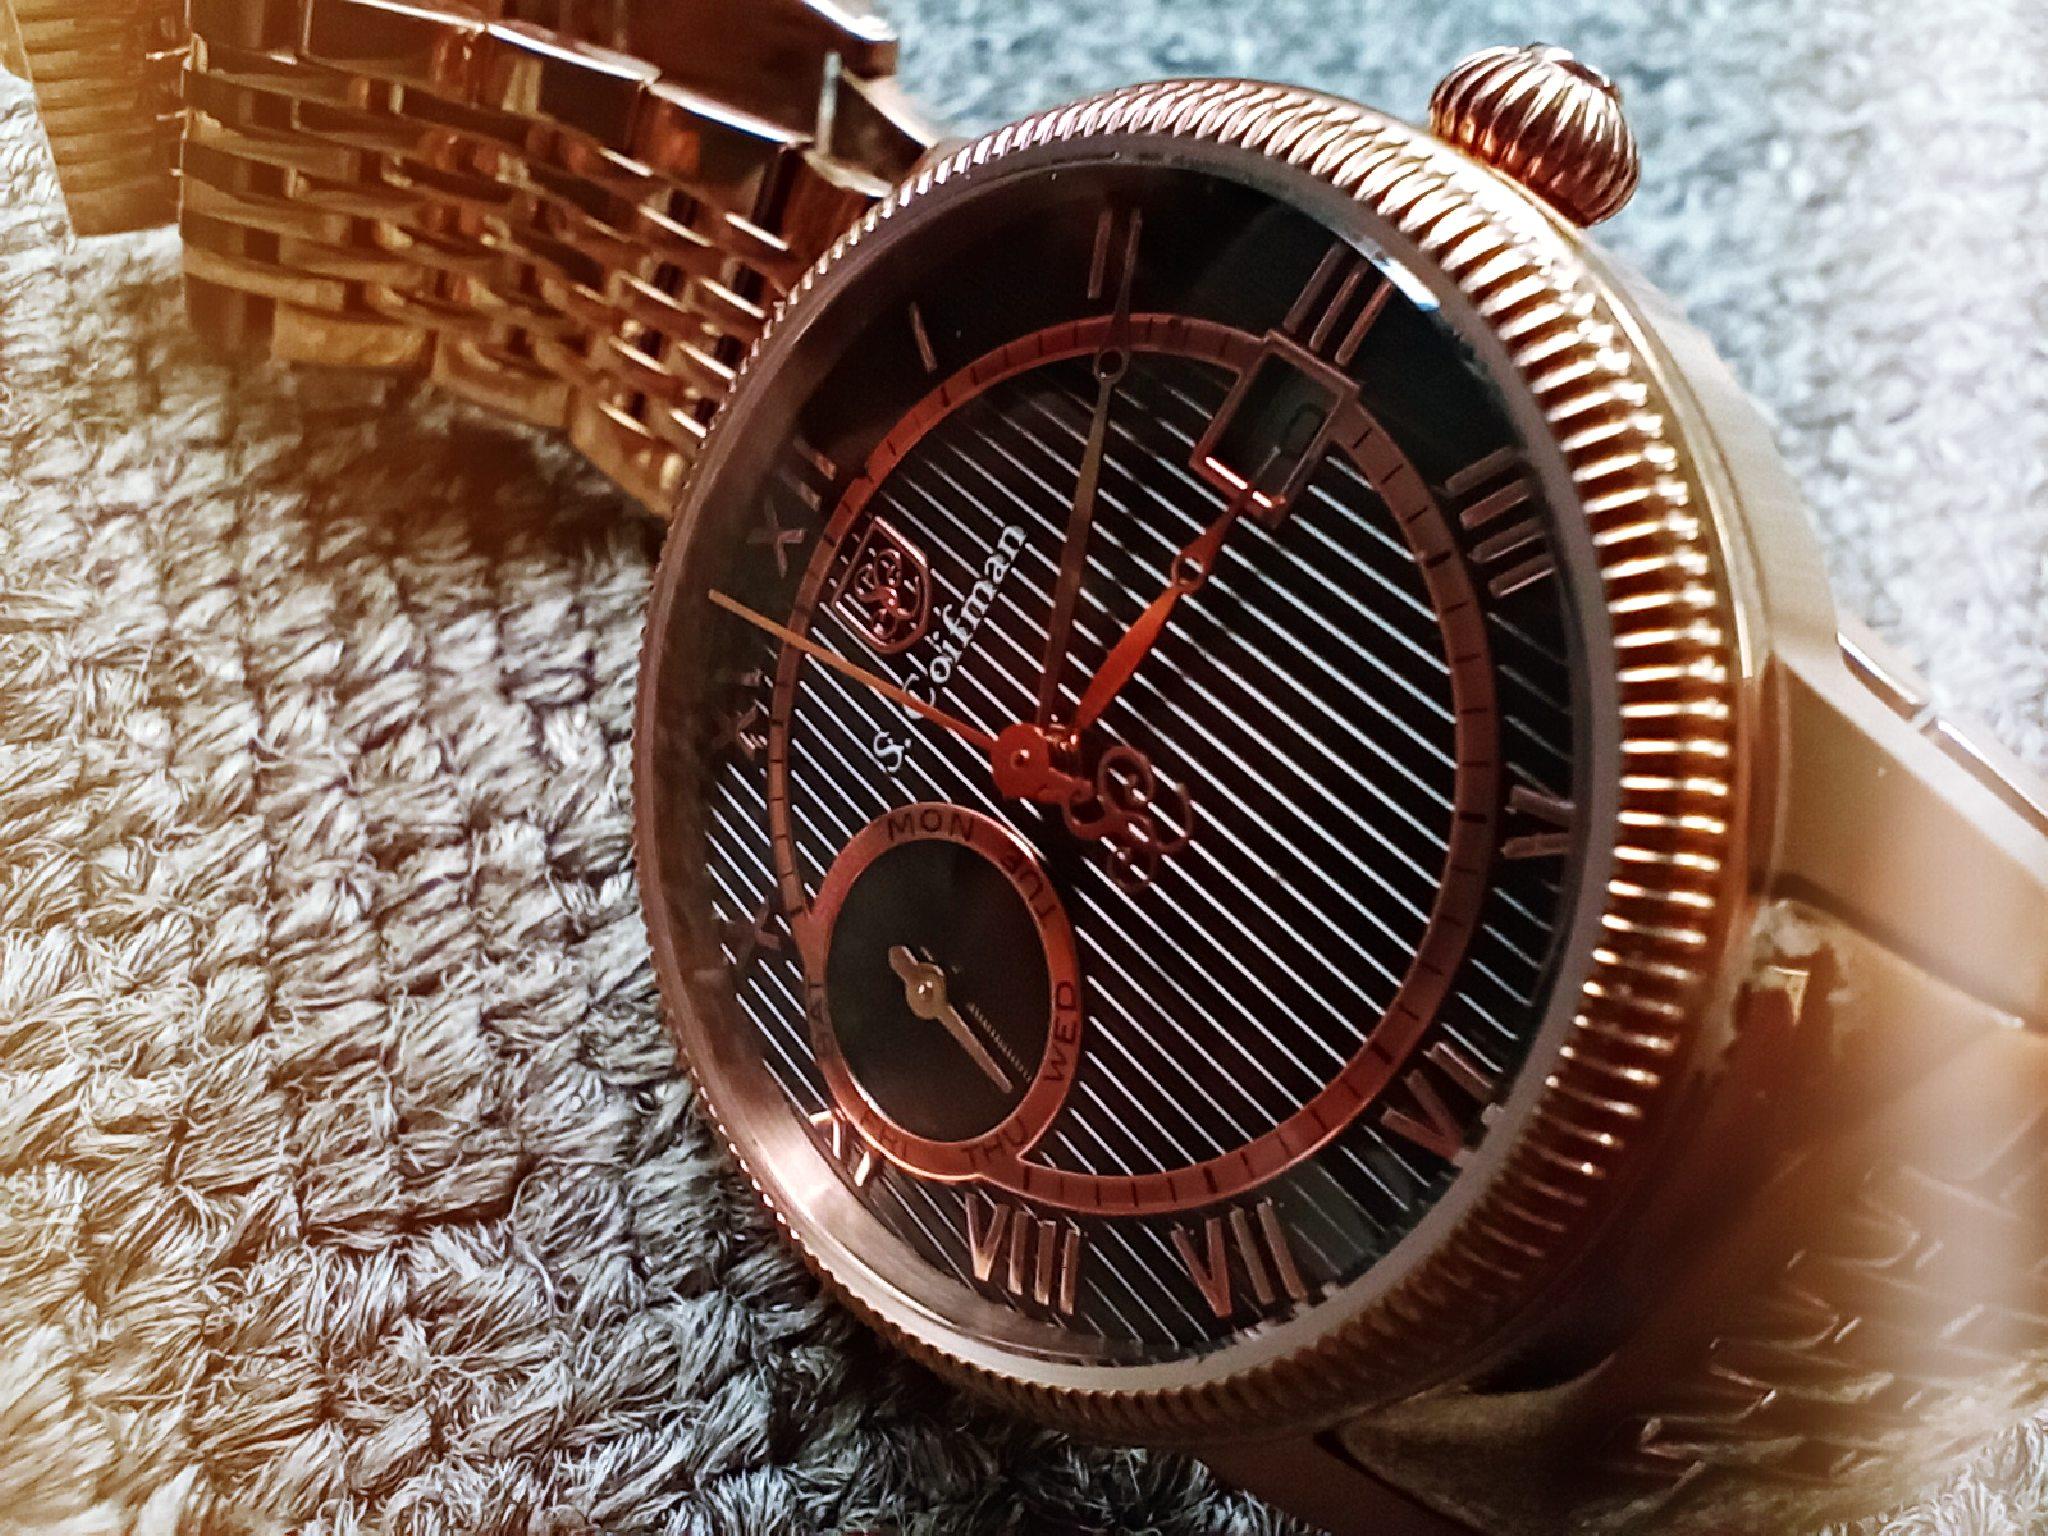 Đồng hồ đeo tay được chụp siêu cận bằng vivo Y19